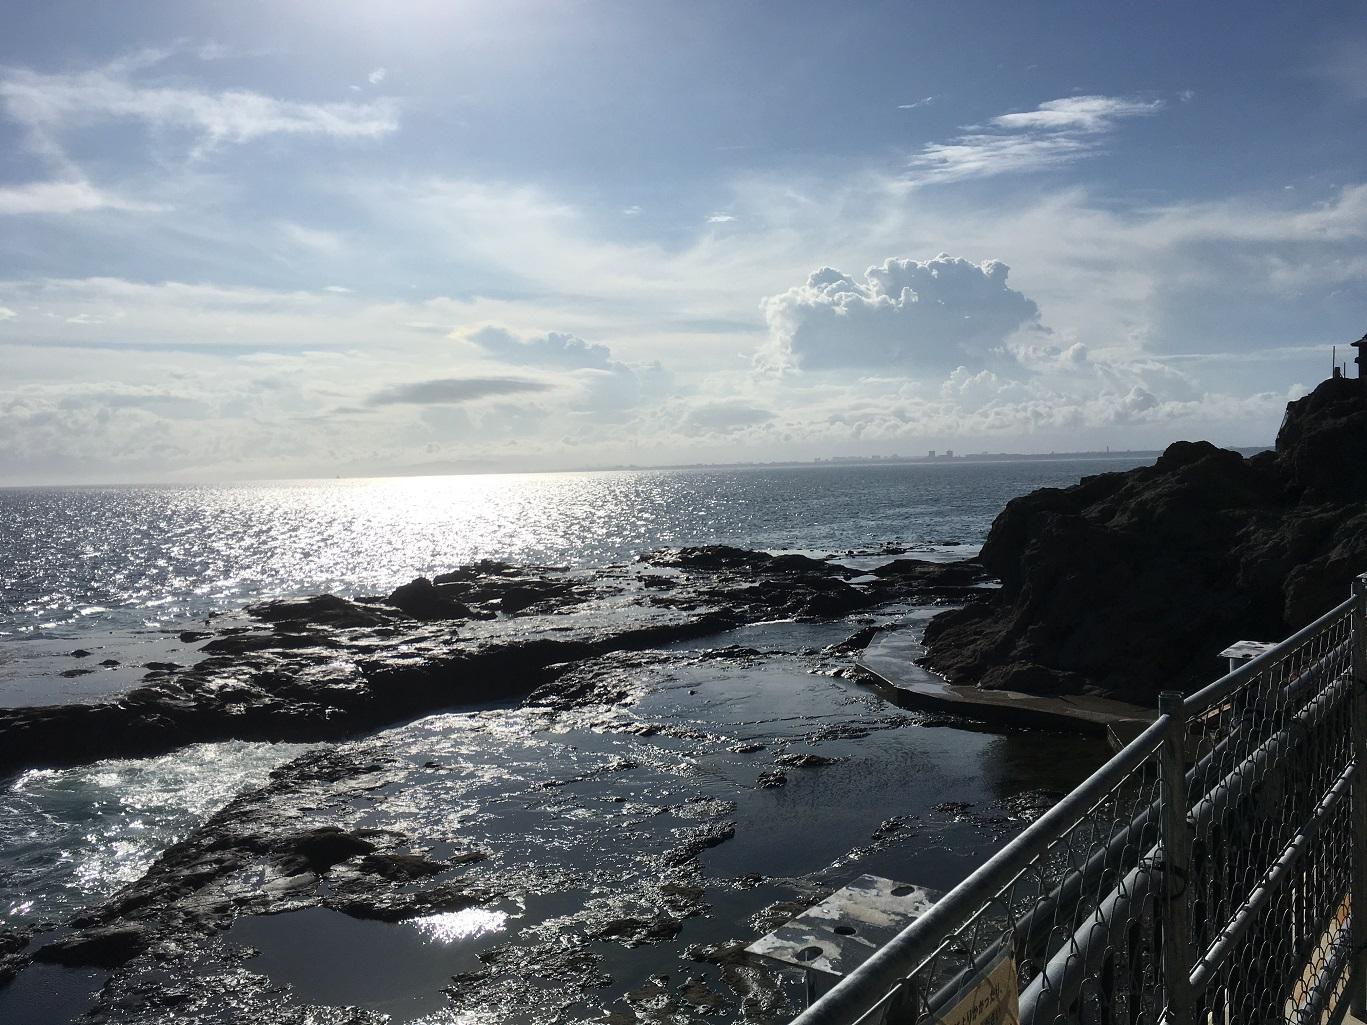 2018年07月09日 江の島, 裏磯, 観光